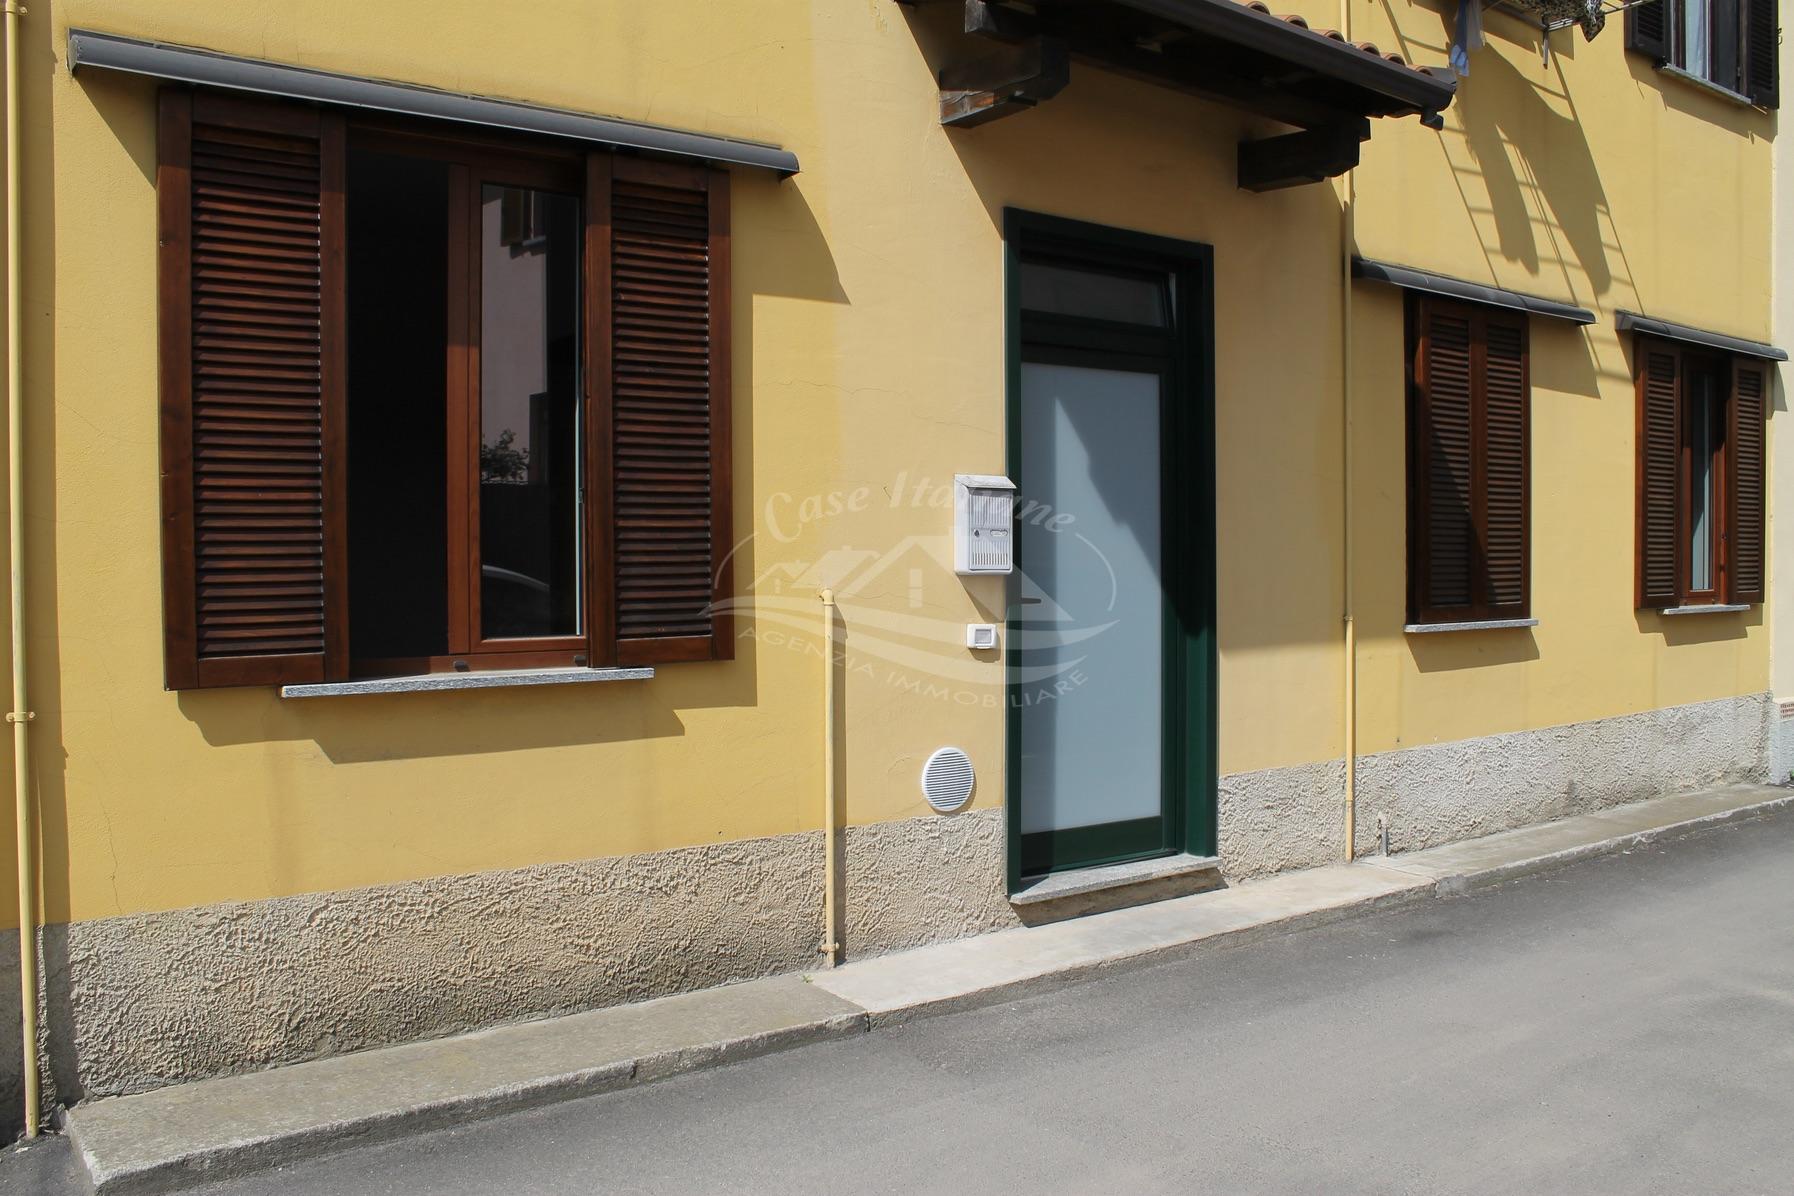 1 case italiane agenzia immobiliare cant for Case italiane immobiliare